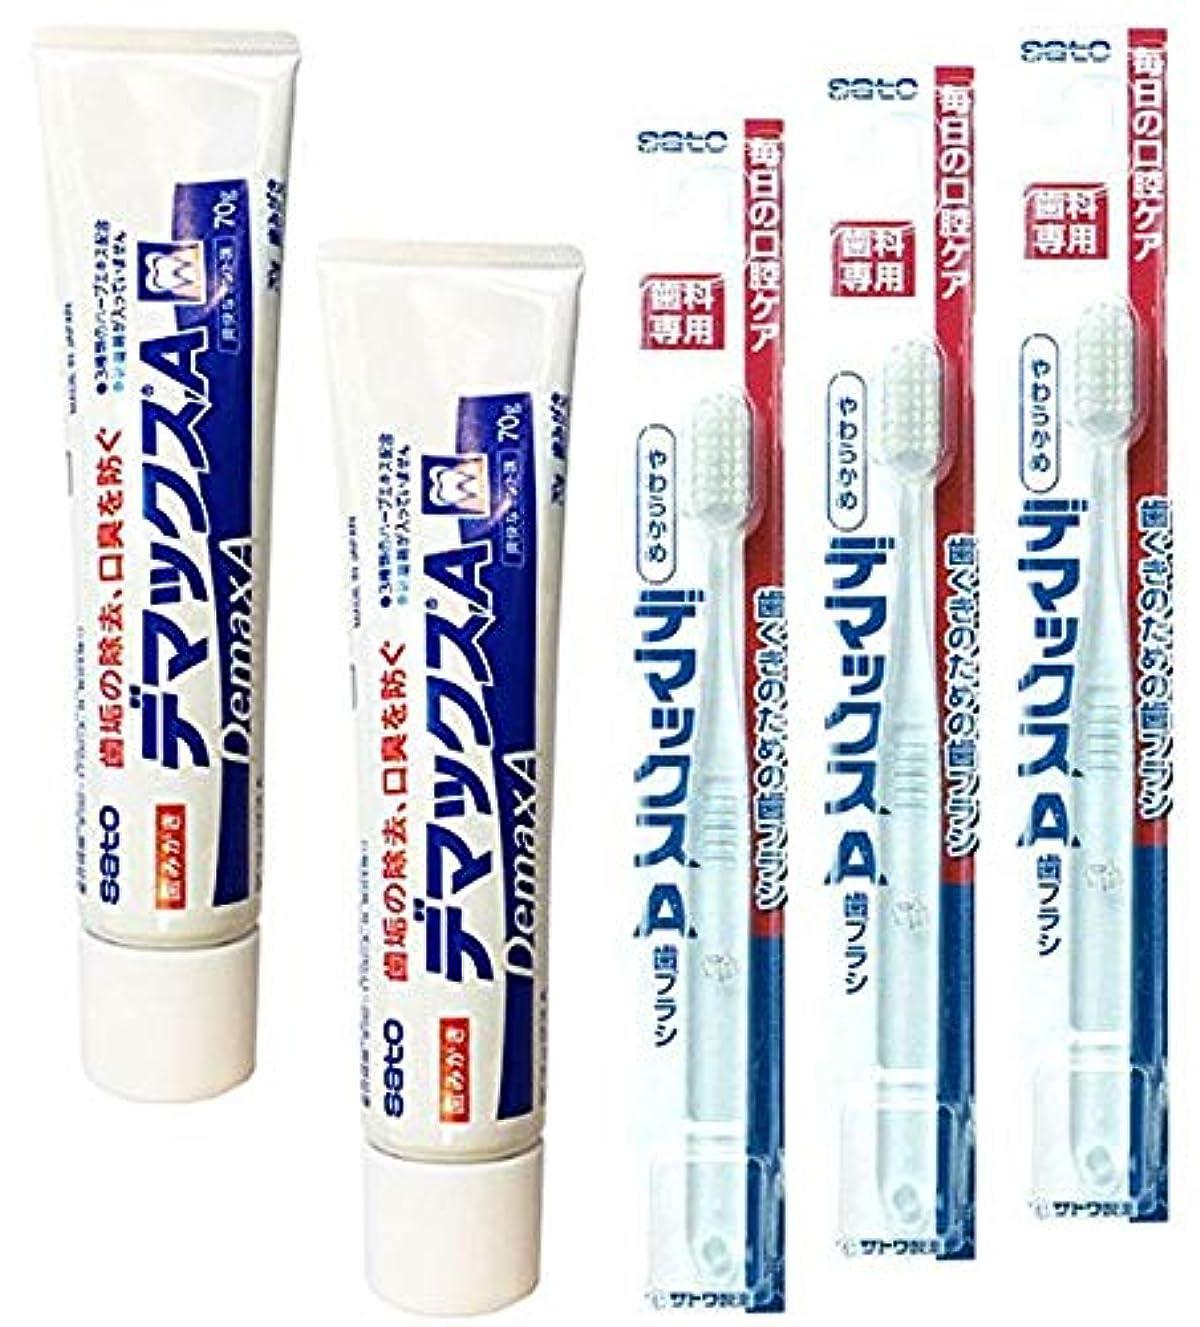 かどうかそしてトラフ佐藤製薬 デマックスA 歯磨き粉(70g) 2個 + デマックスA 歯ブラシ 3本 セット